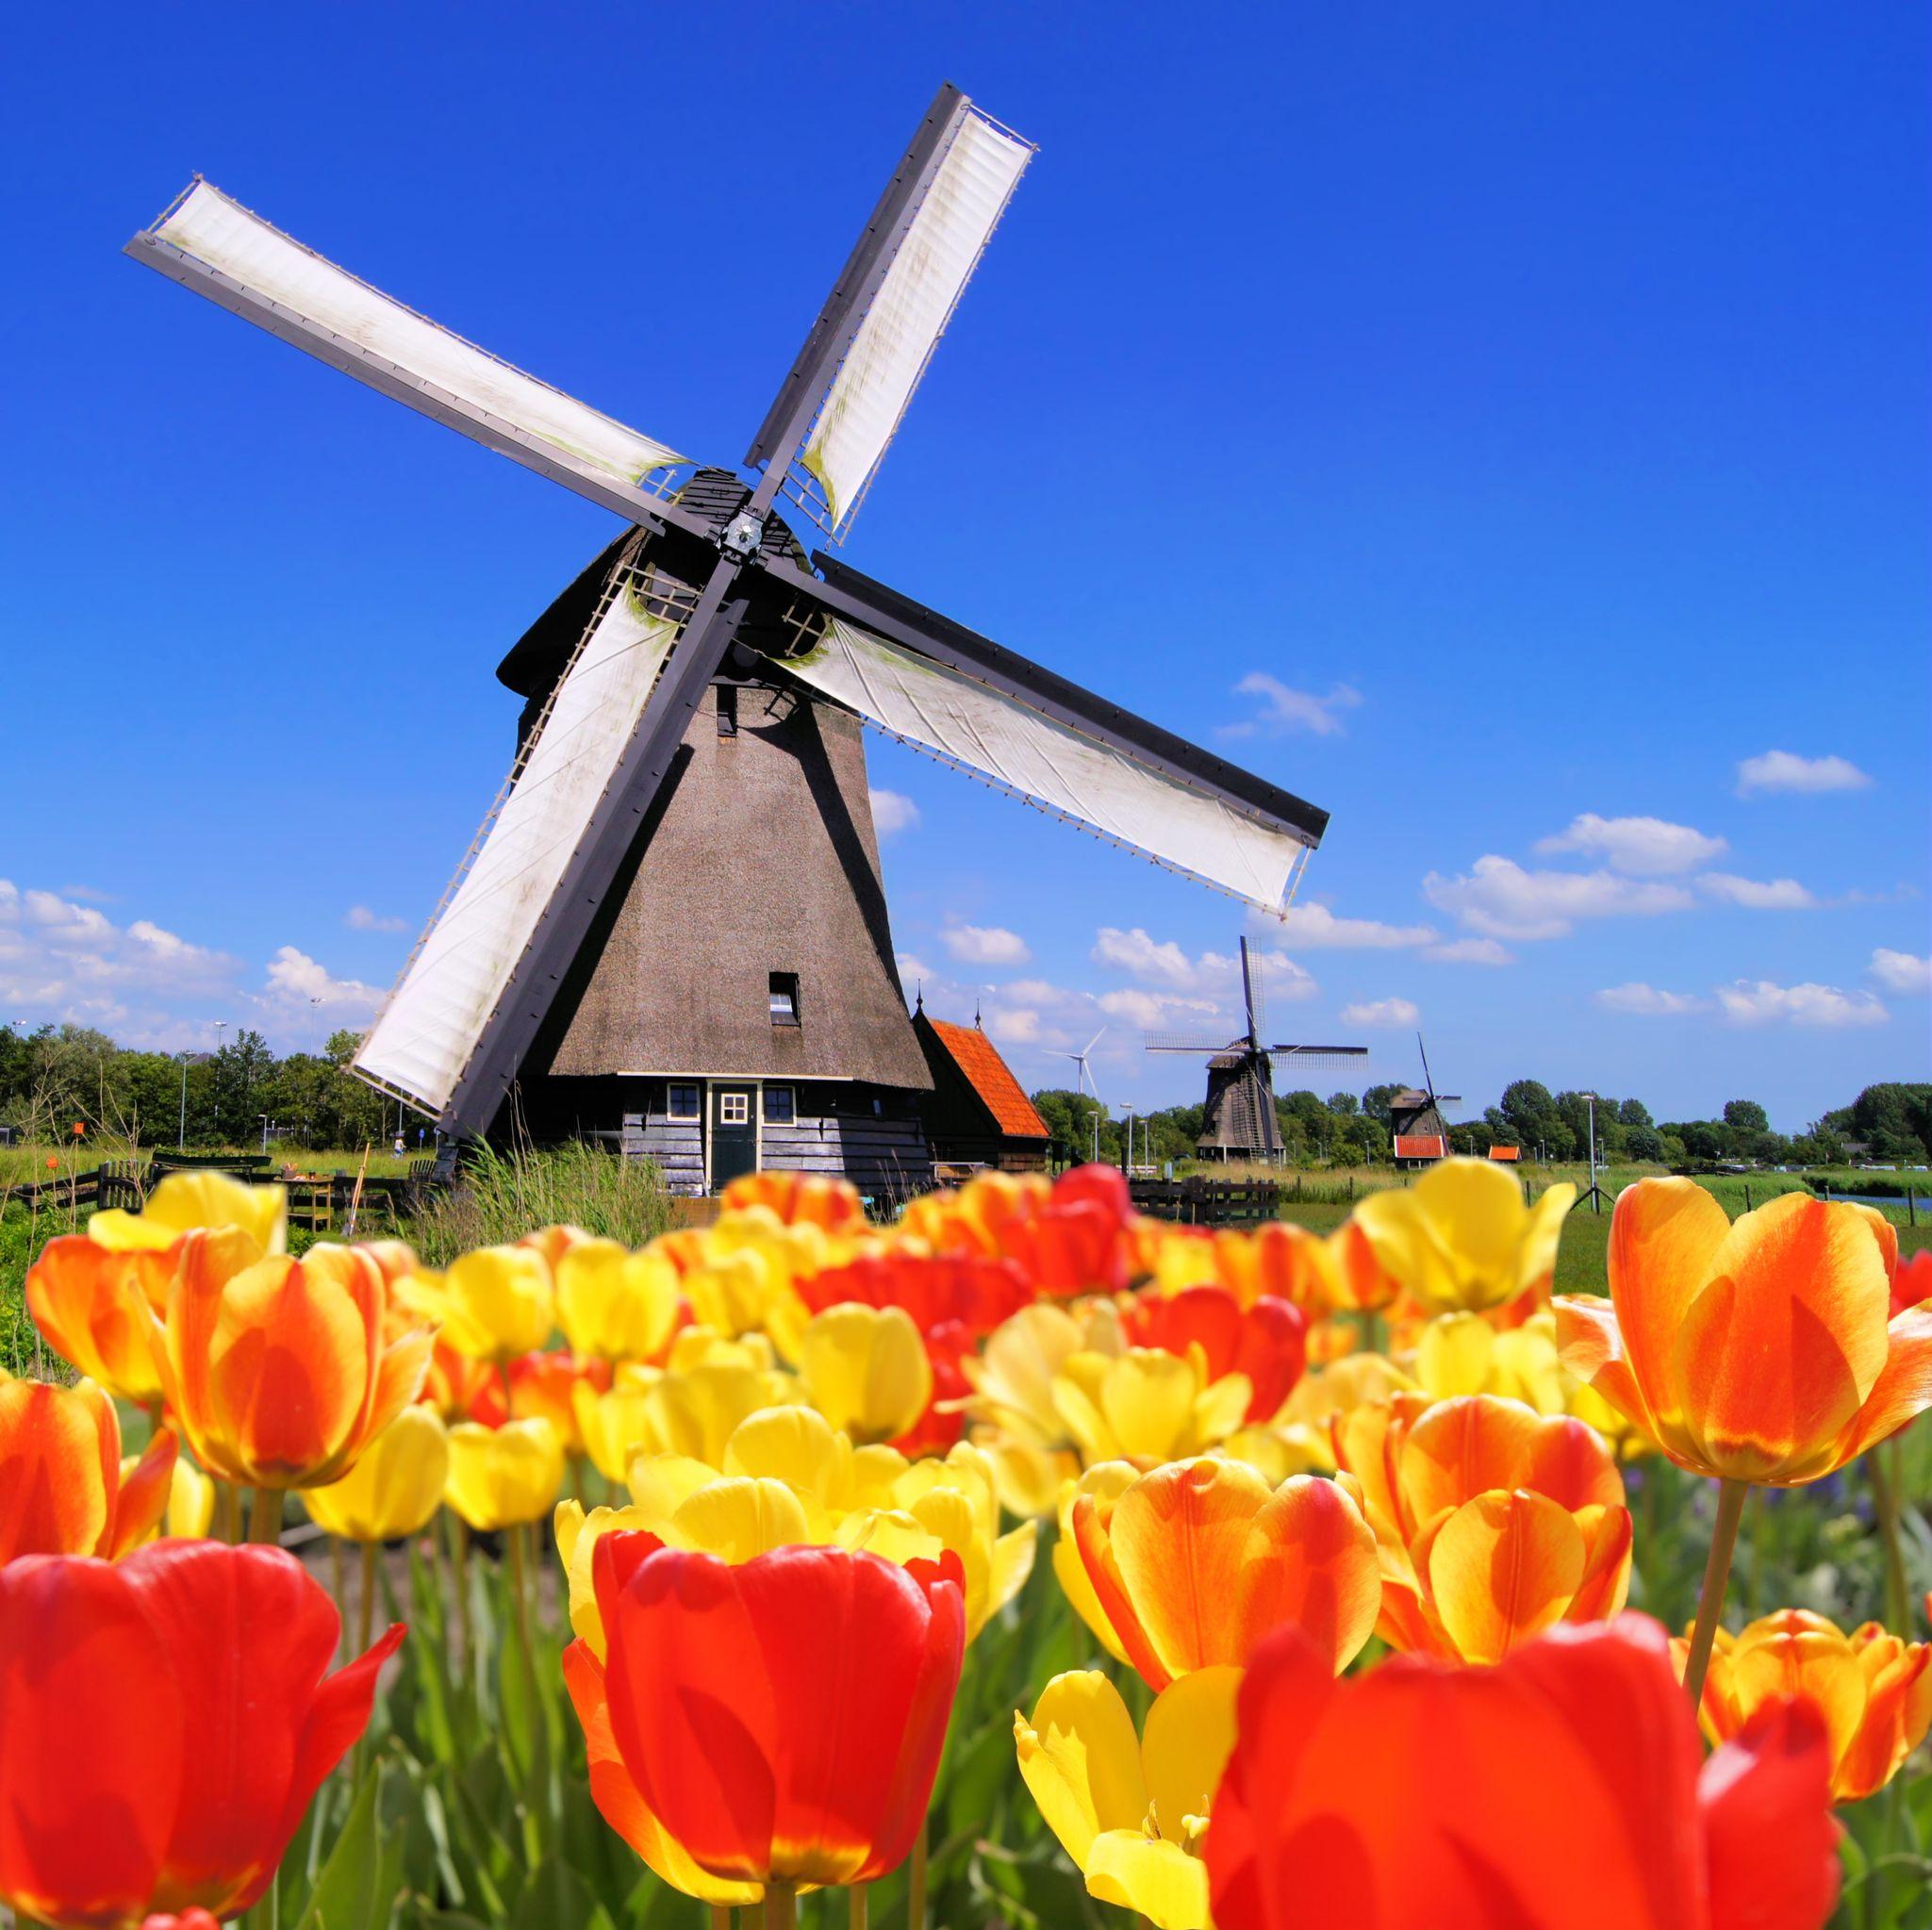 קניית דירה באמסטרדם: למה כדאי?